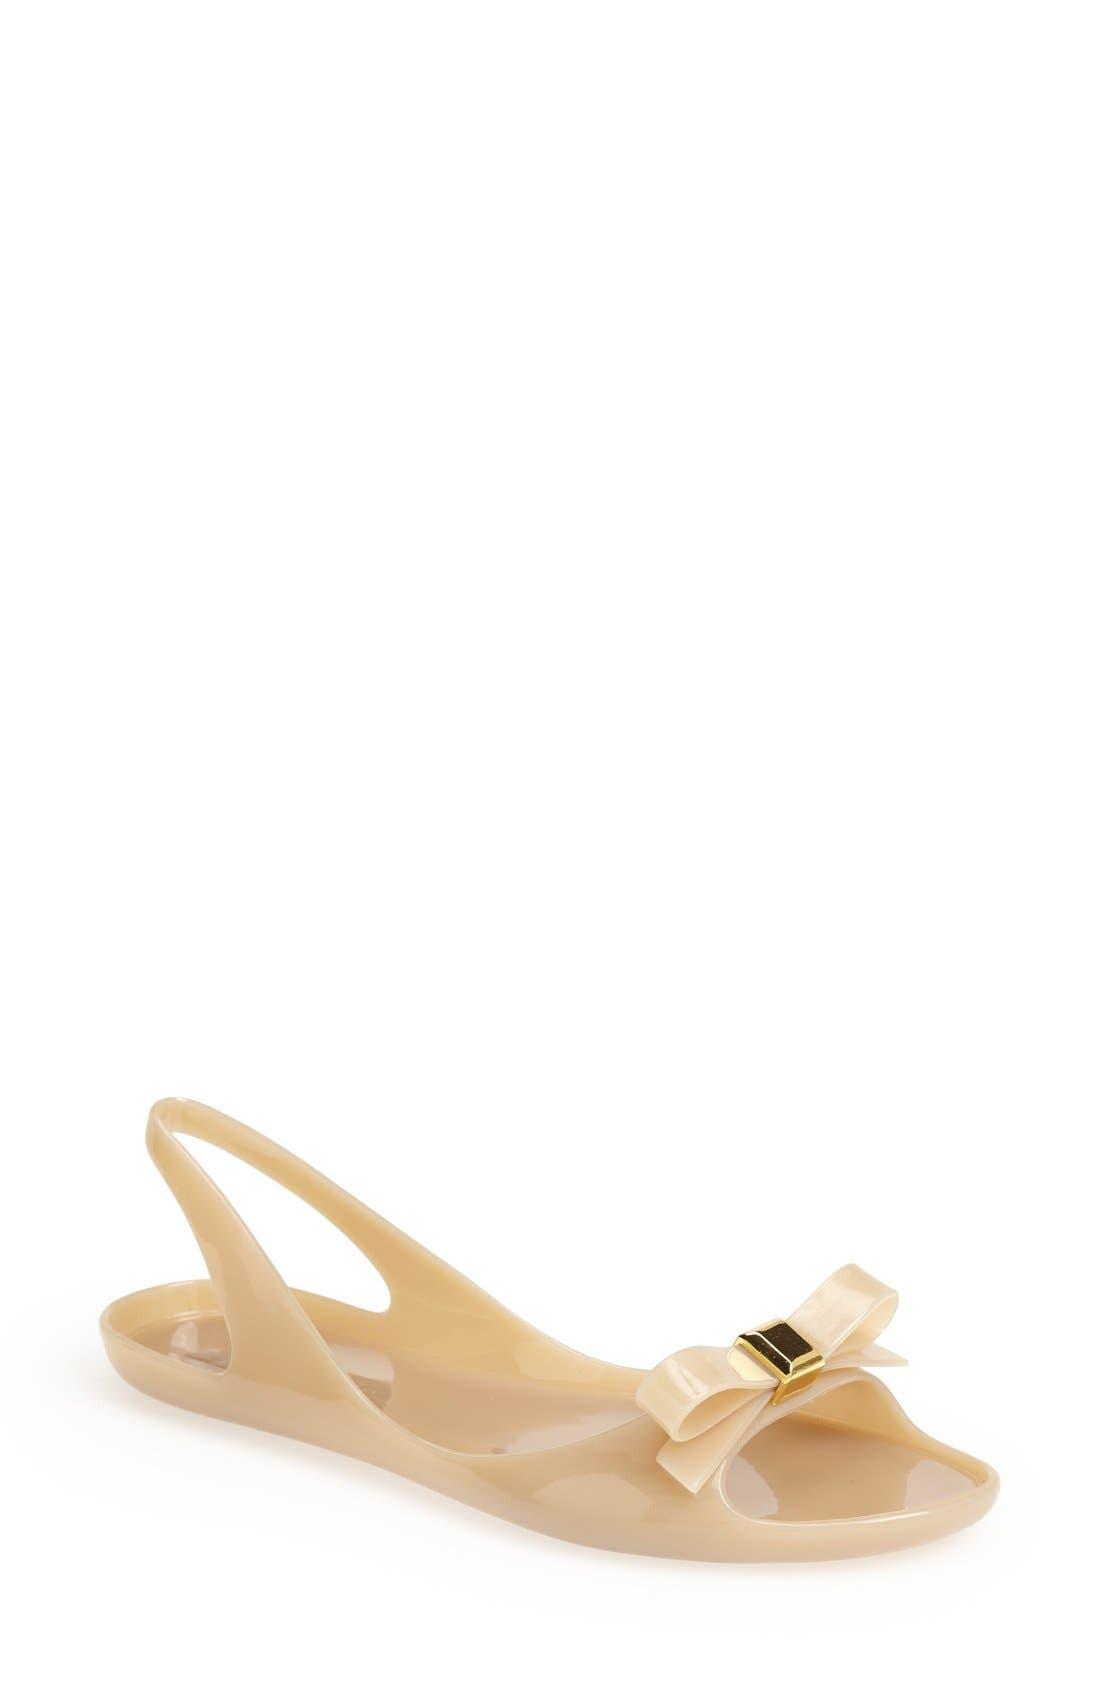 Main Image - kate spade new york 'ode' flat sandal